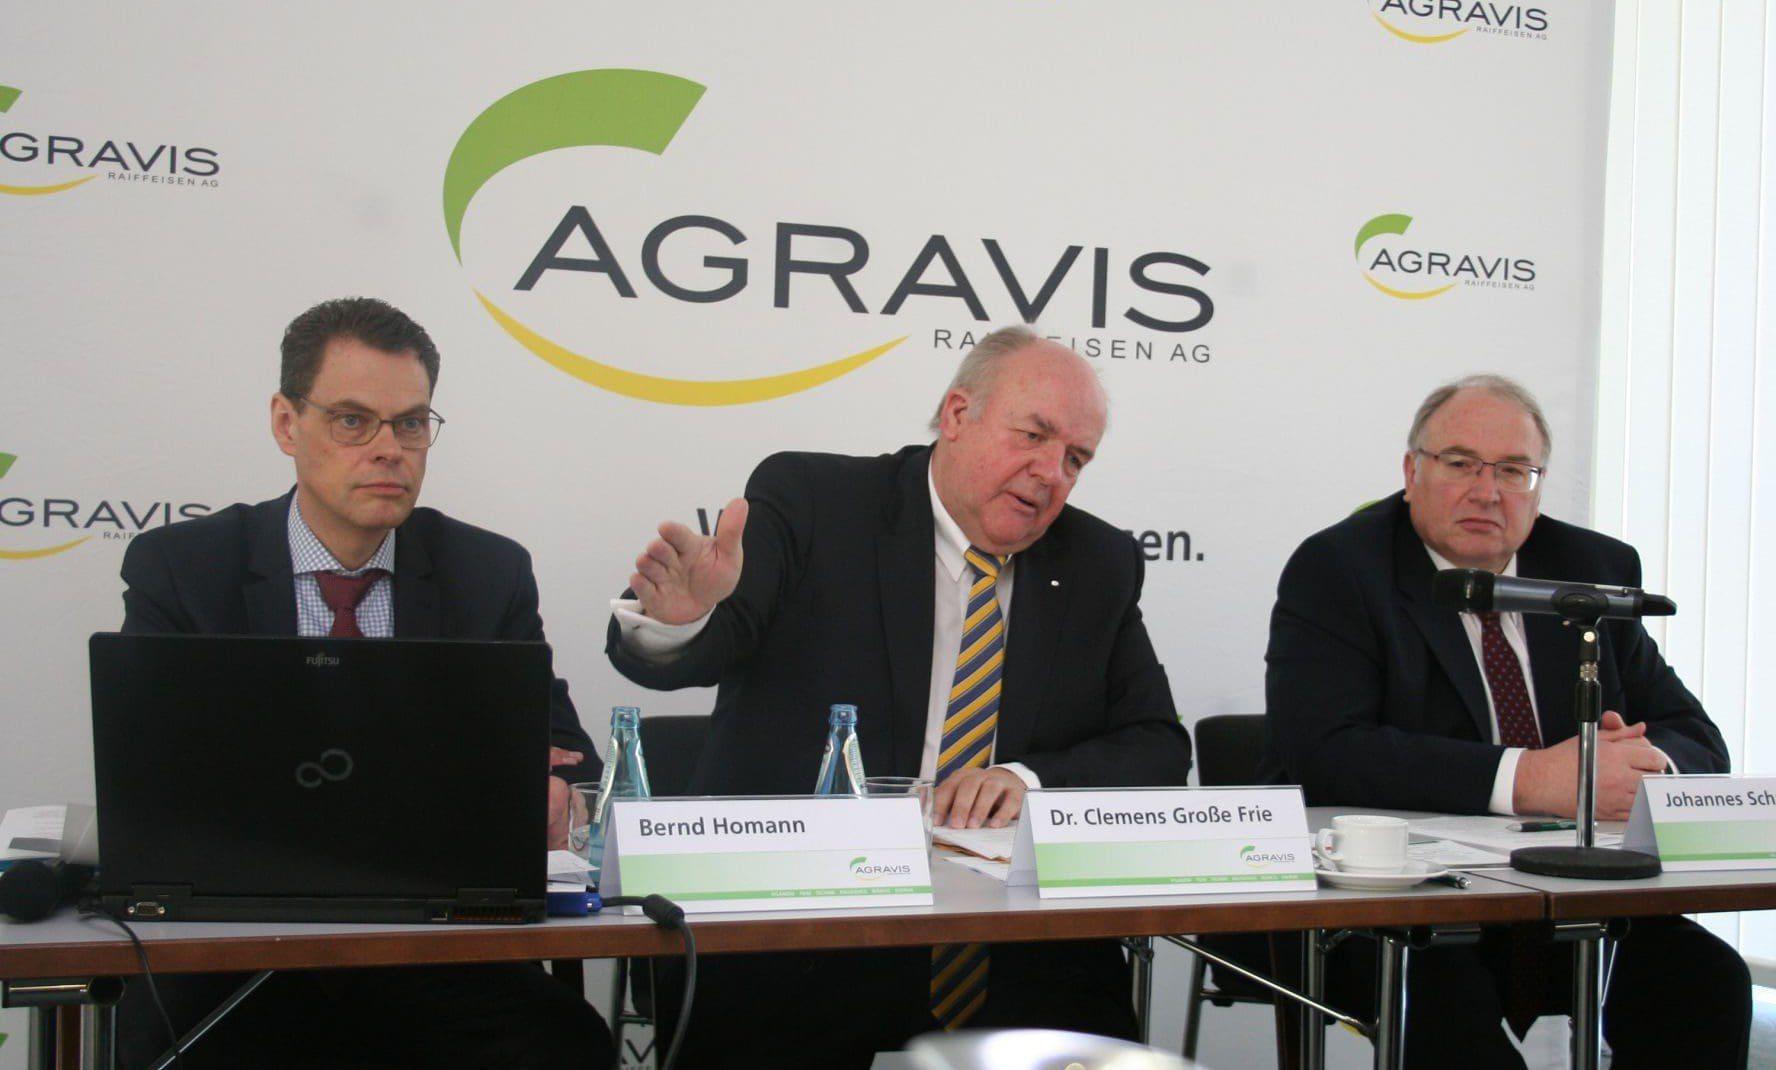 AGRAVIS 2015